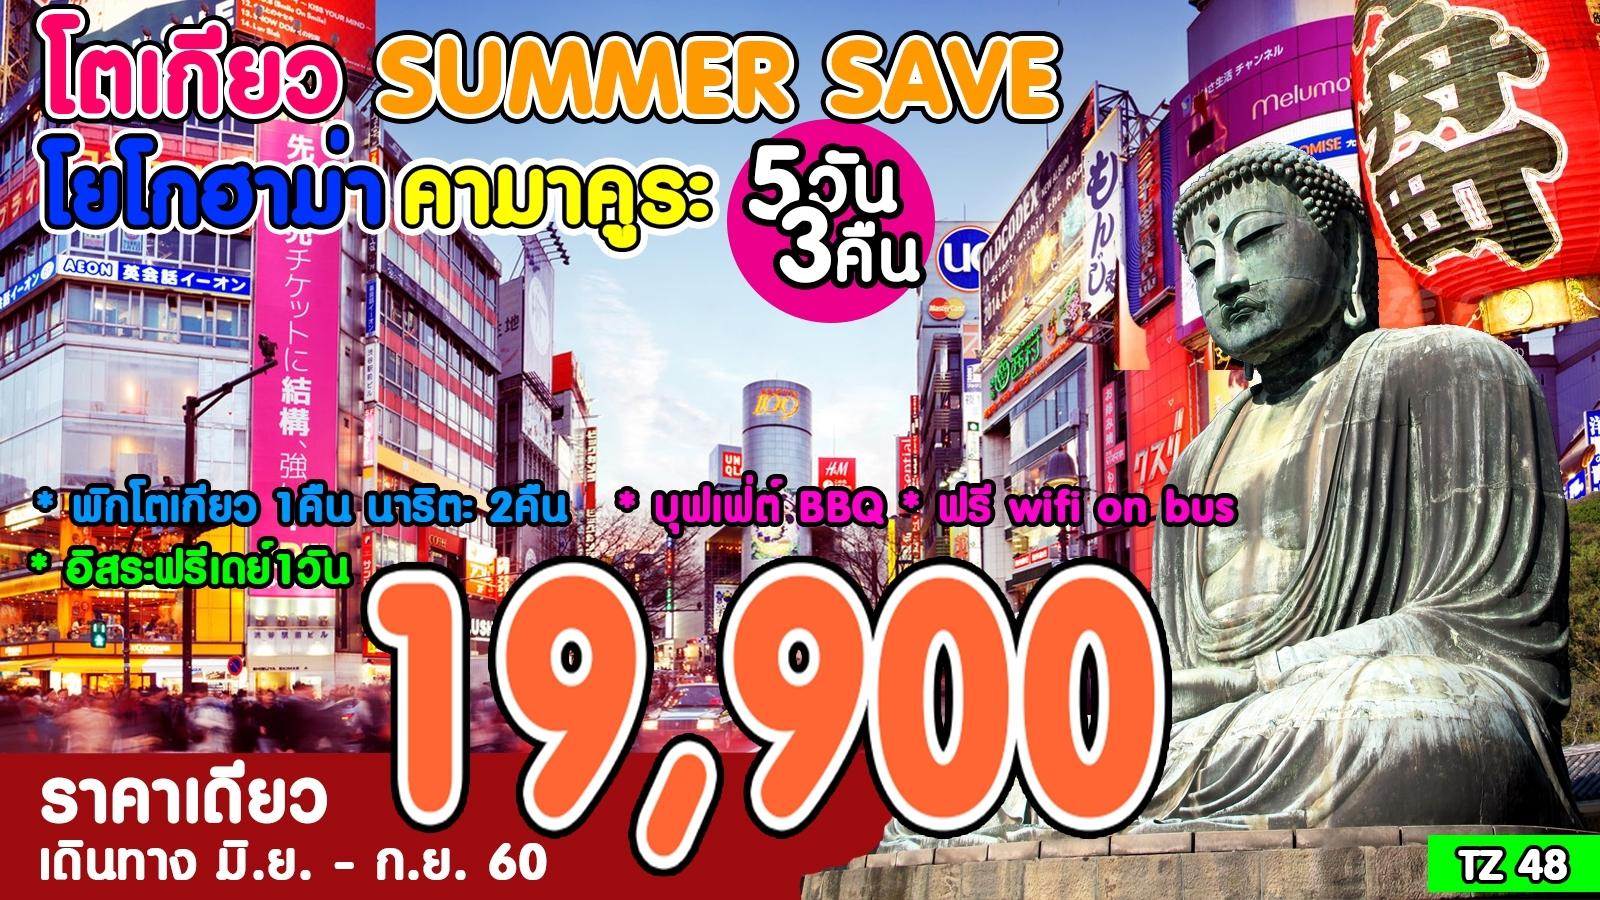 Tokyo Summer Save โตเกียว คามาคูระ โยโกฮาม่า 5วัน 3คืน มิ.ย.-ต.ค.60